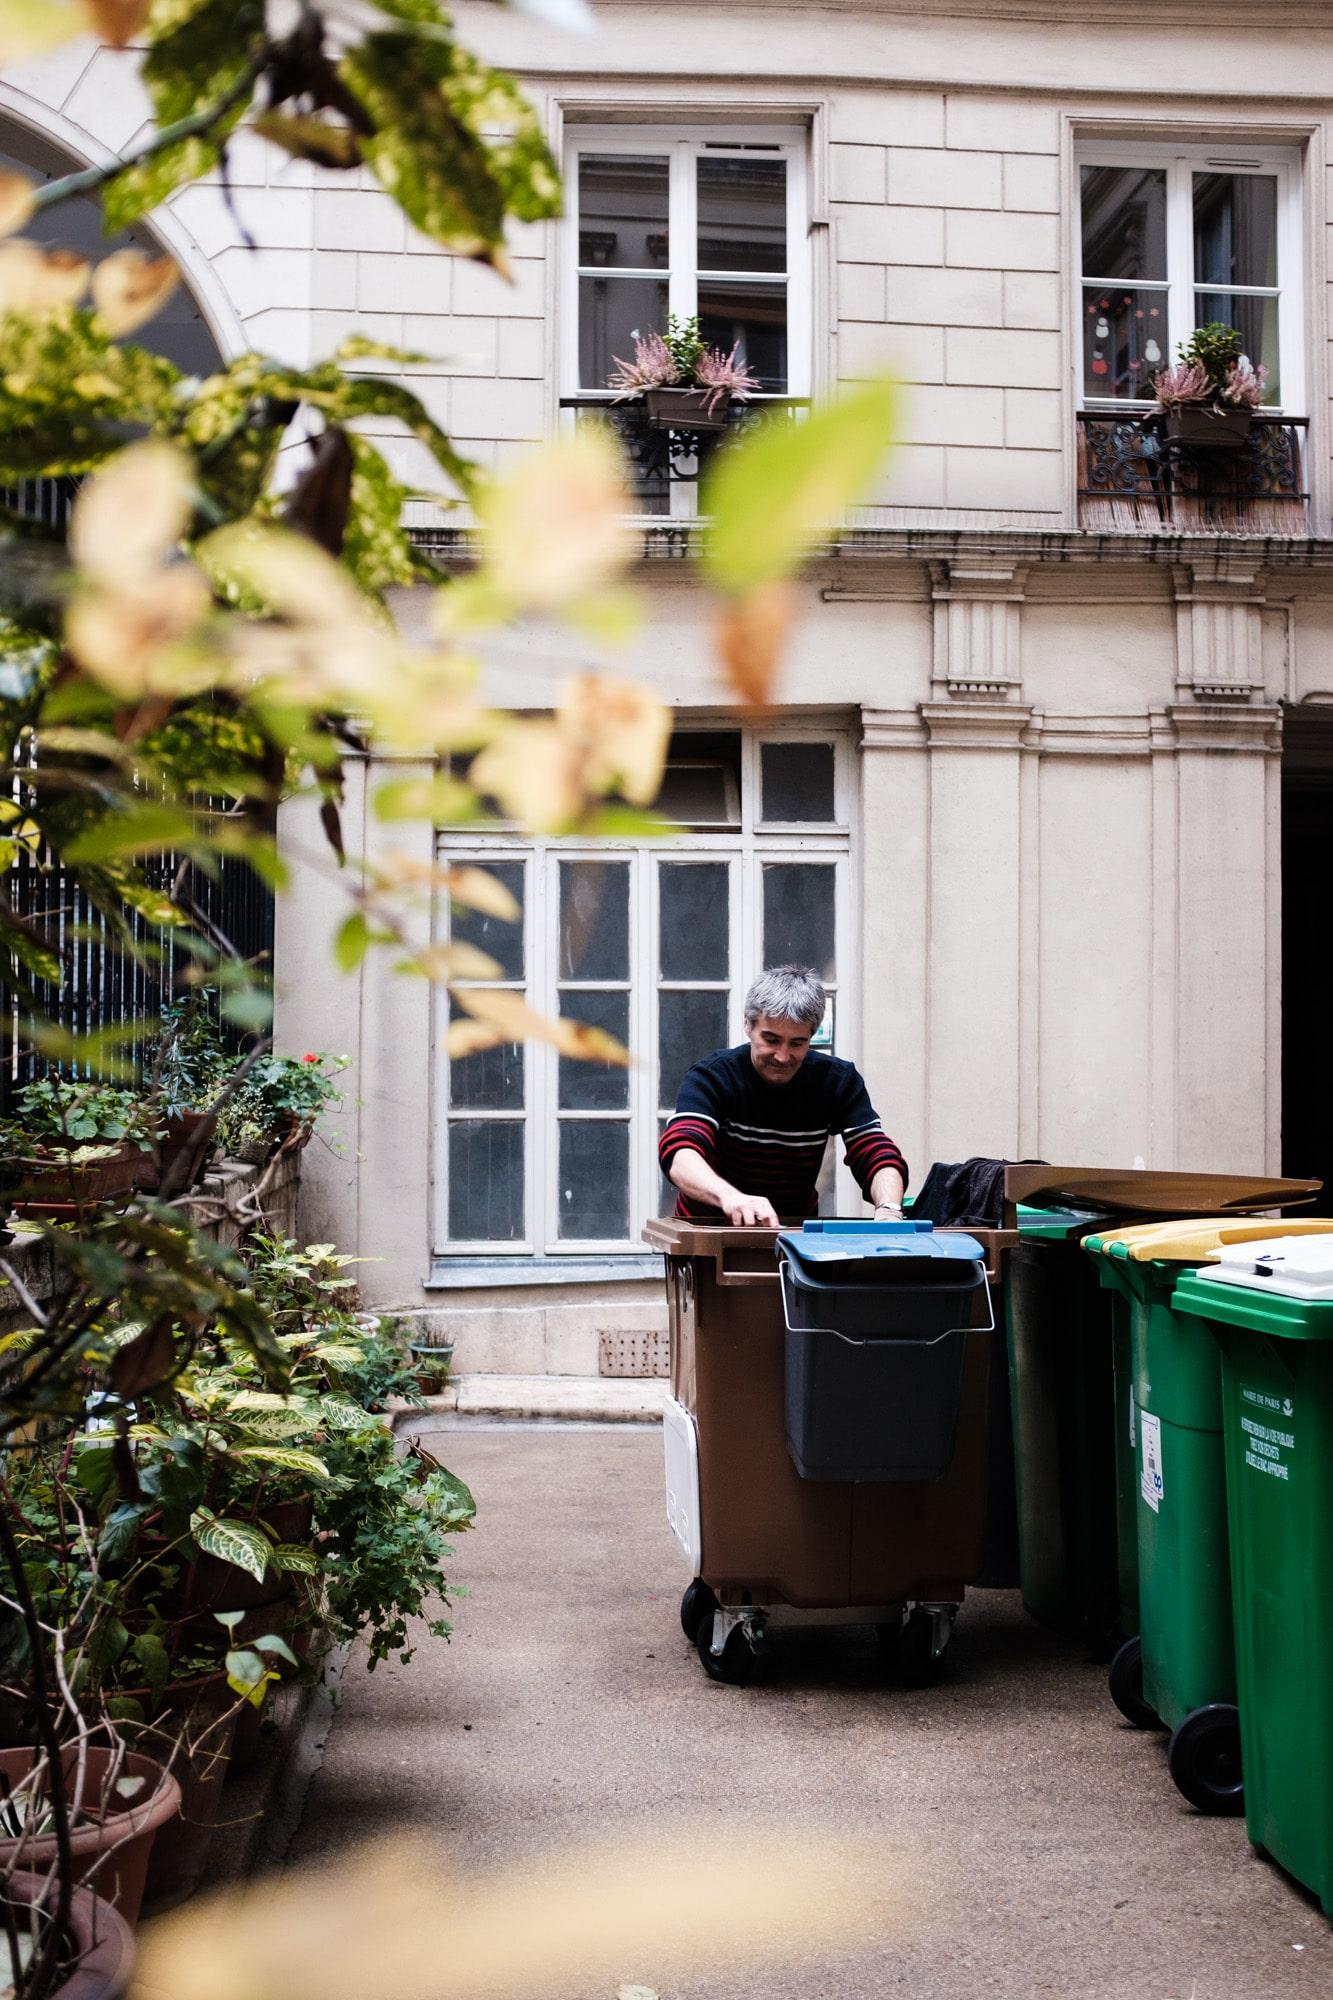 Besser leben mit mehr Recycling und ohne Müll